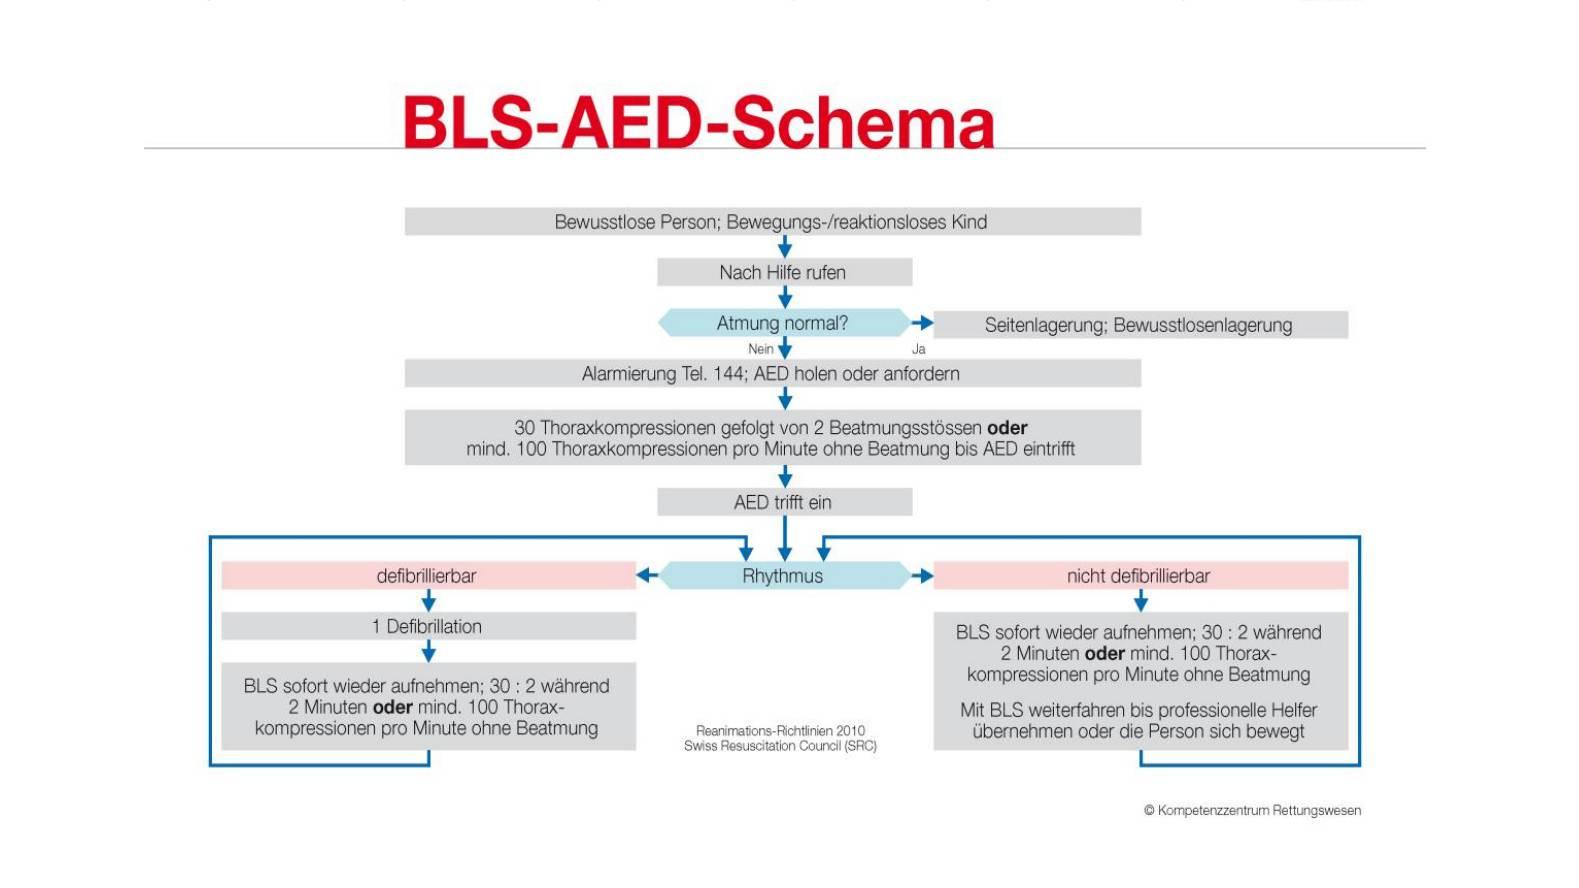 BLS-AED-Schema